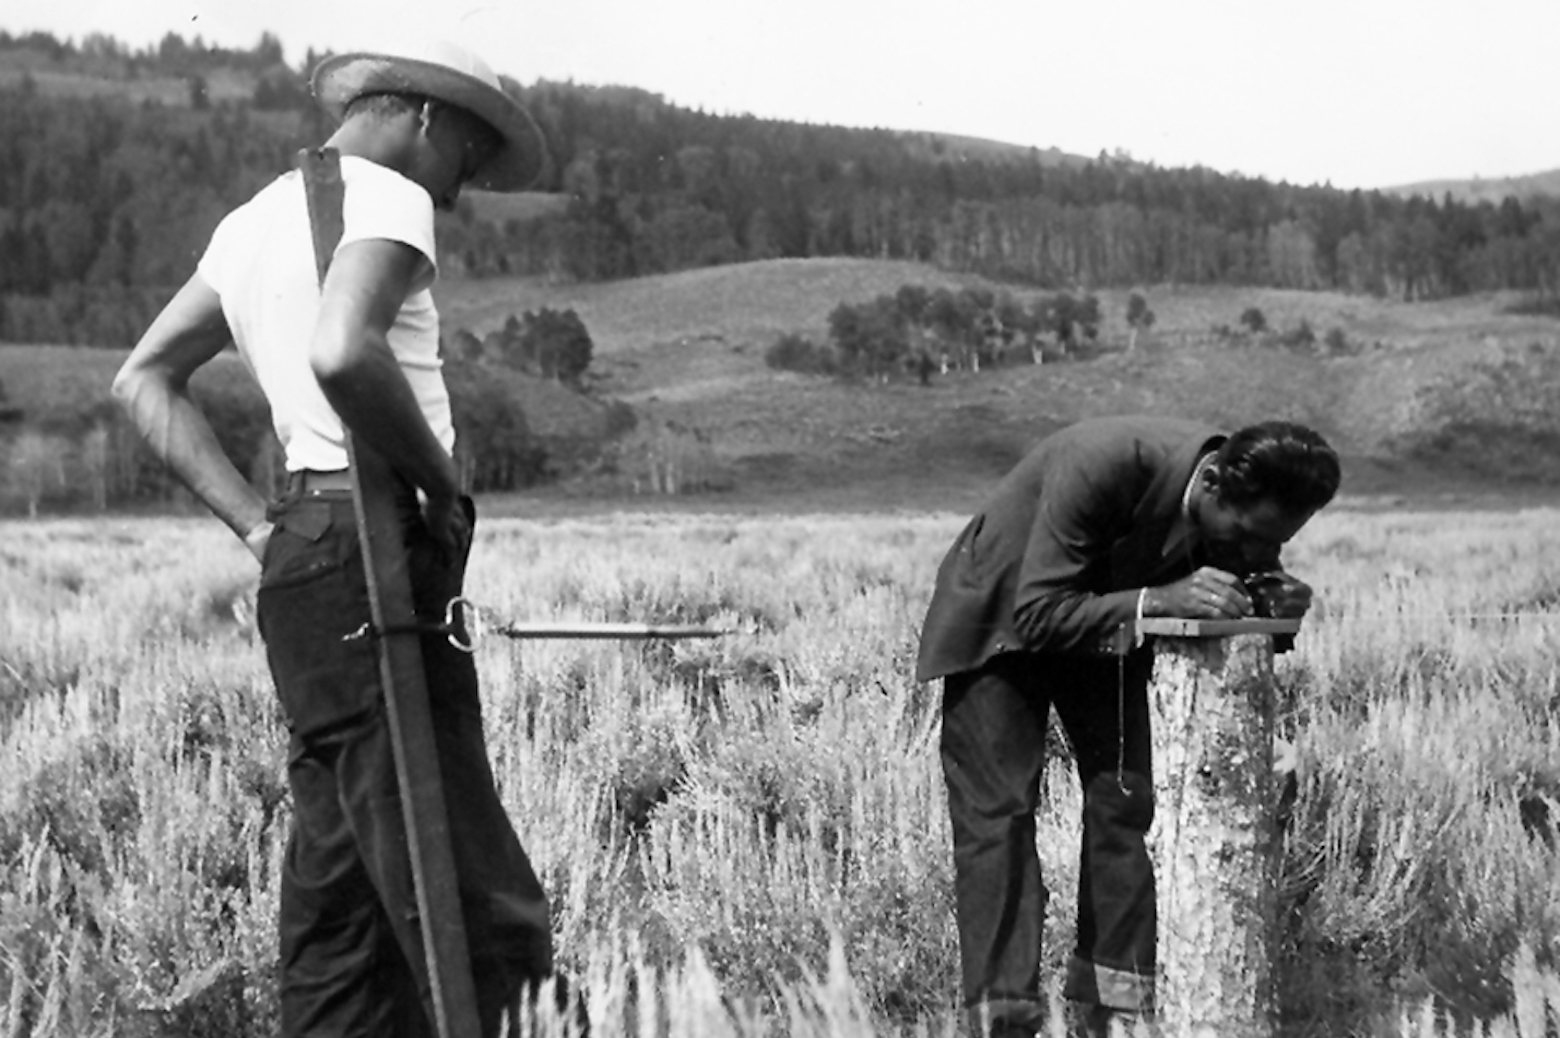 2 men in surveying a field